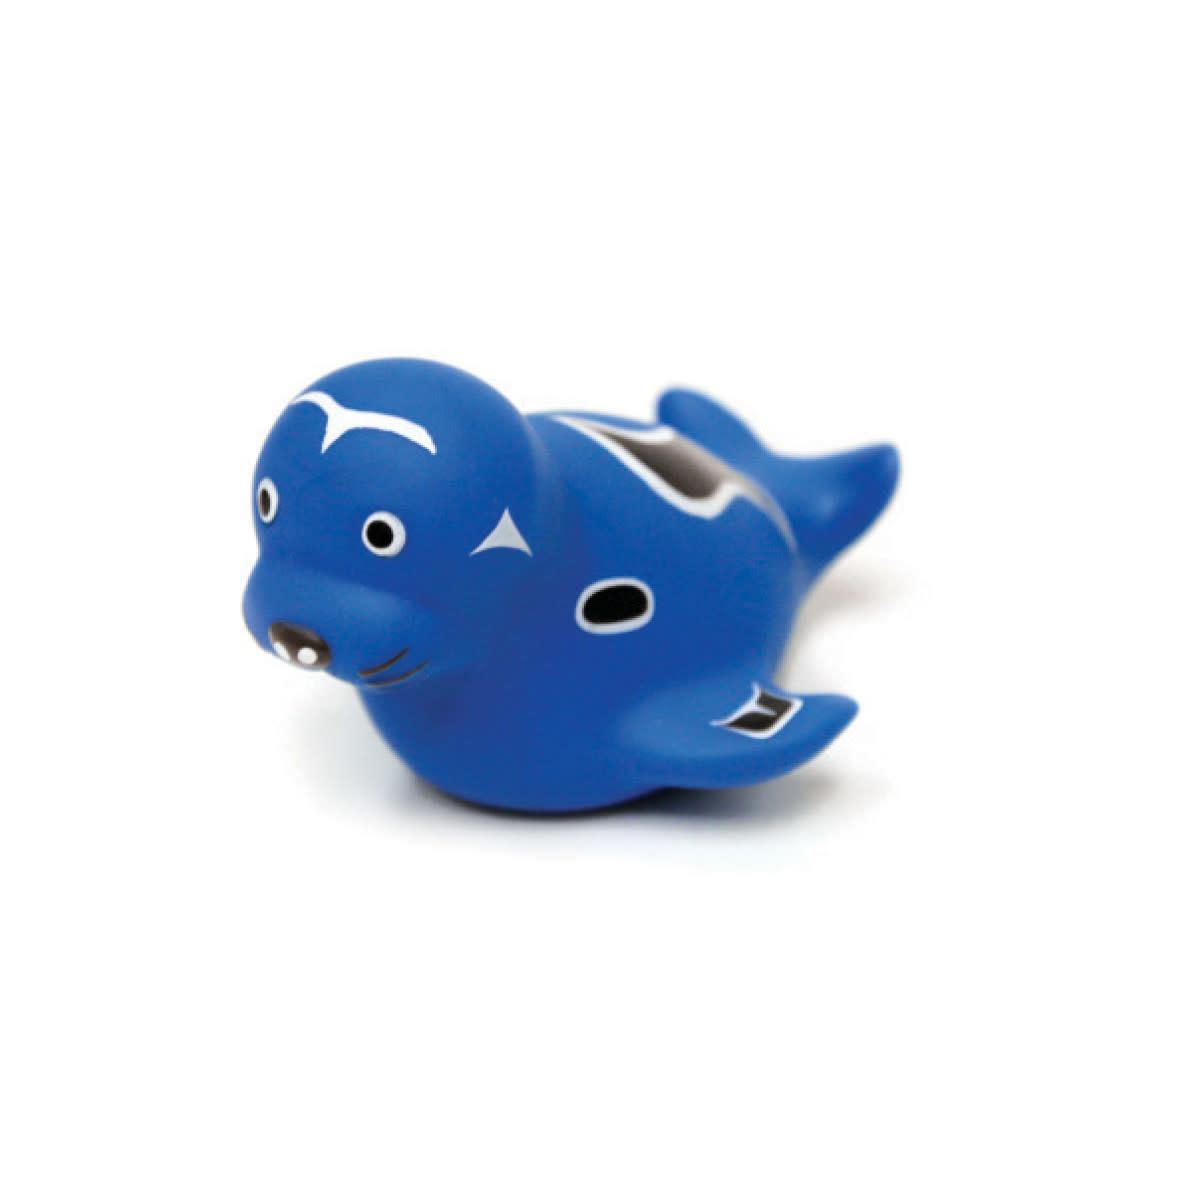 Bath Toy - Seal by Dwayne Simeon-1